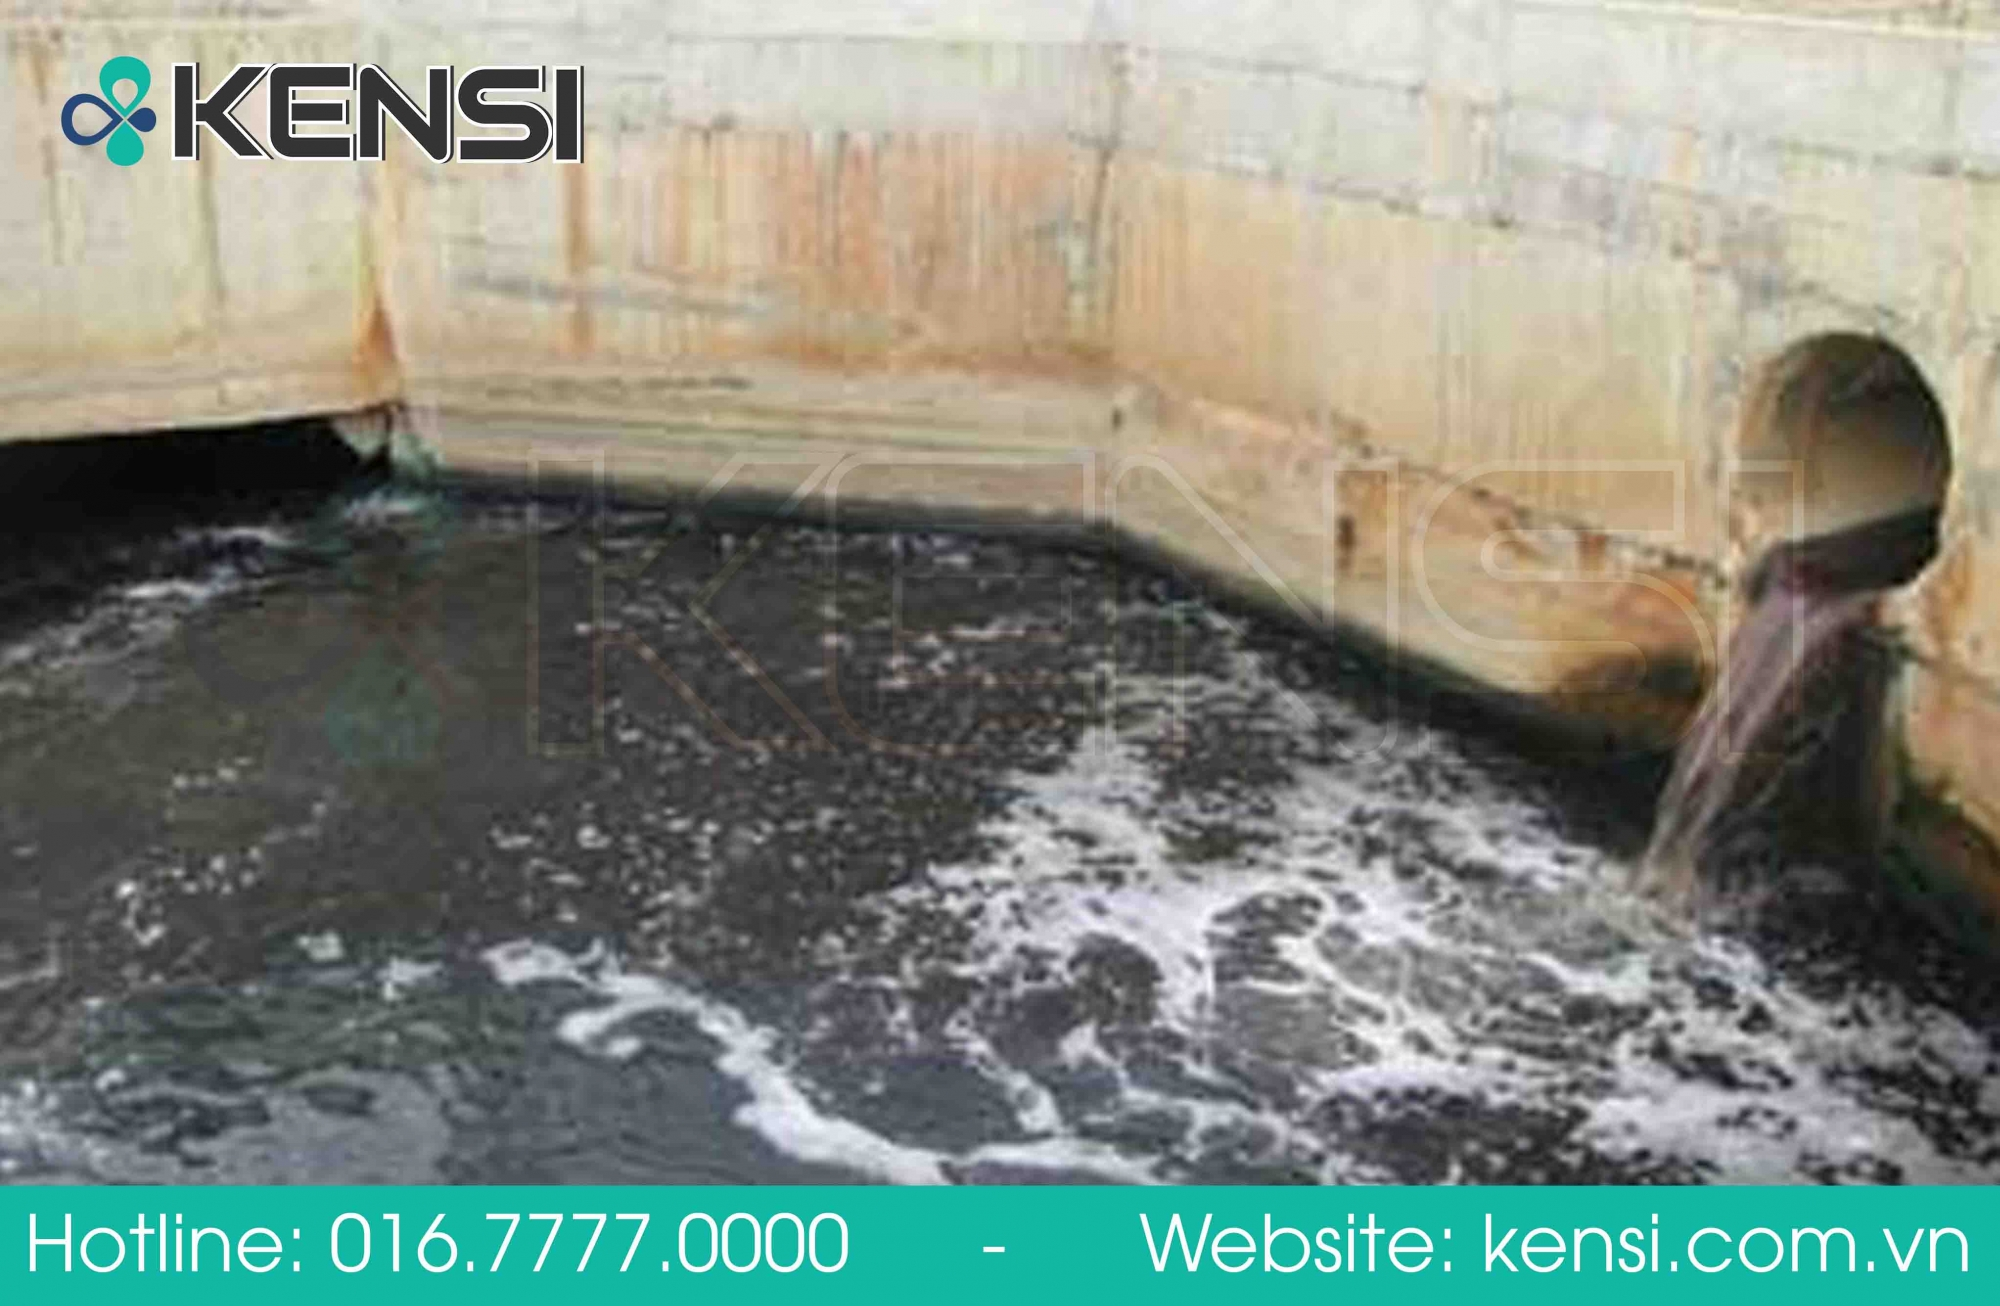 Nước thải nhà máy chưa qua xử lý đã xả thải ra môi trường